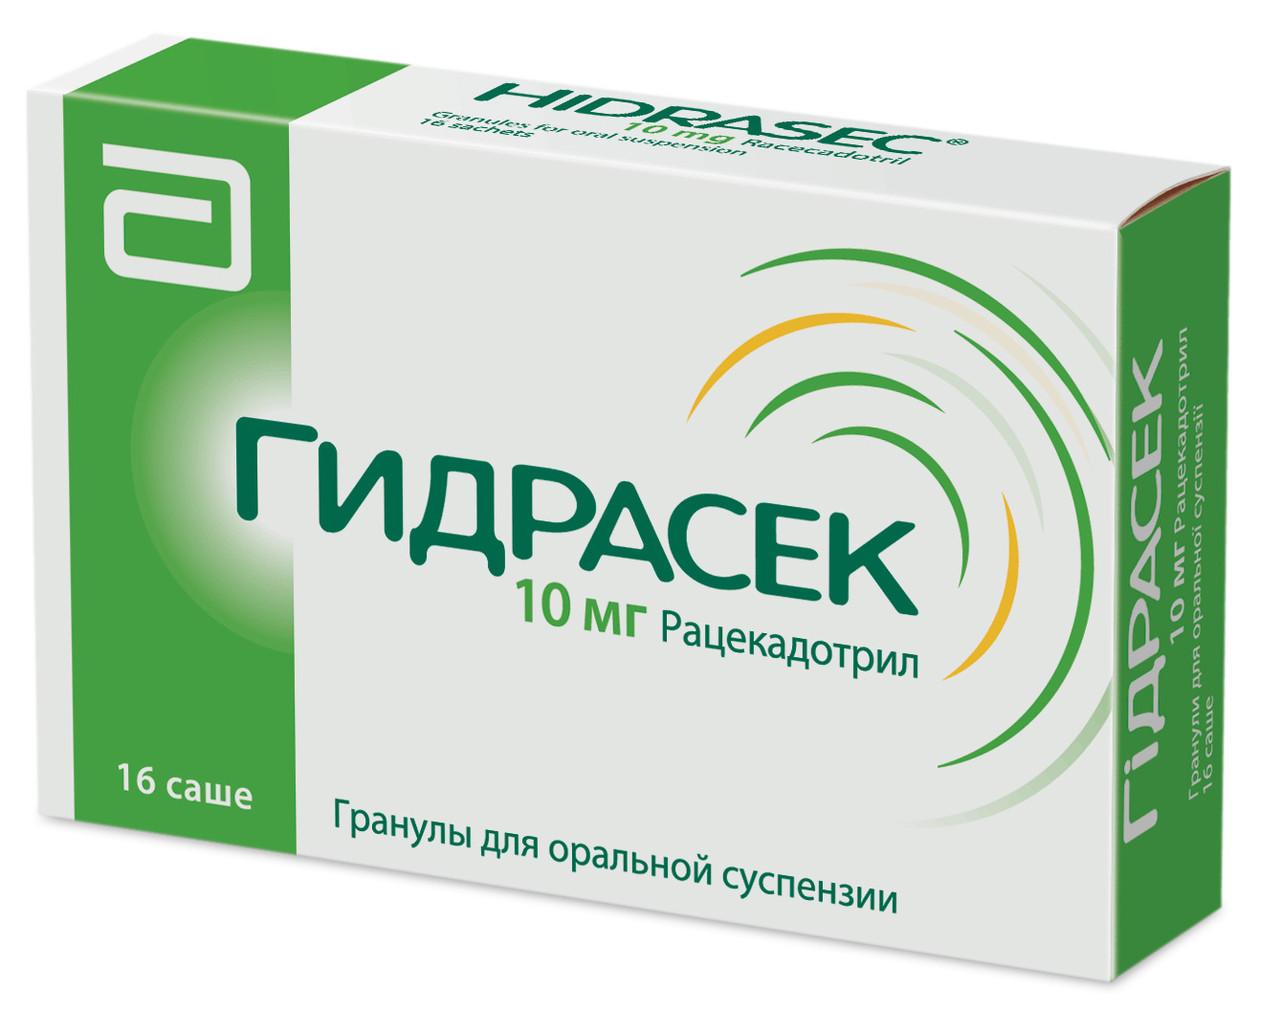 Гидрасек гранулы для суспензии по 10 мг в саше №16